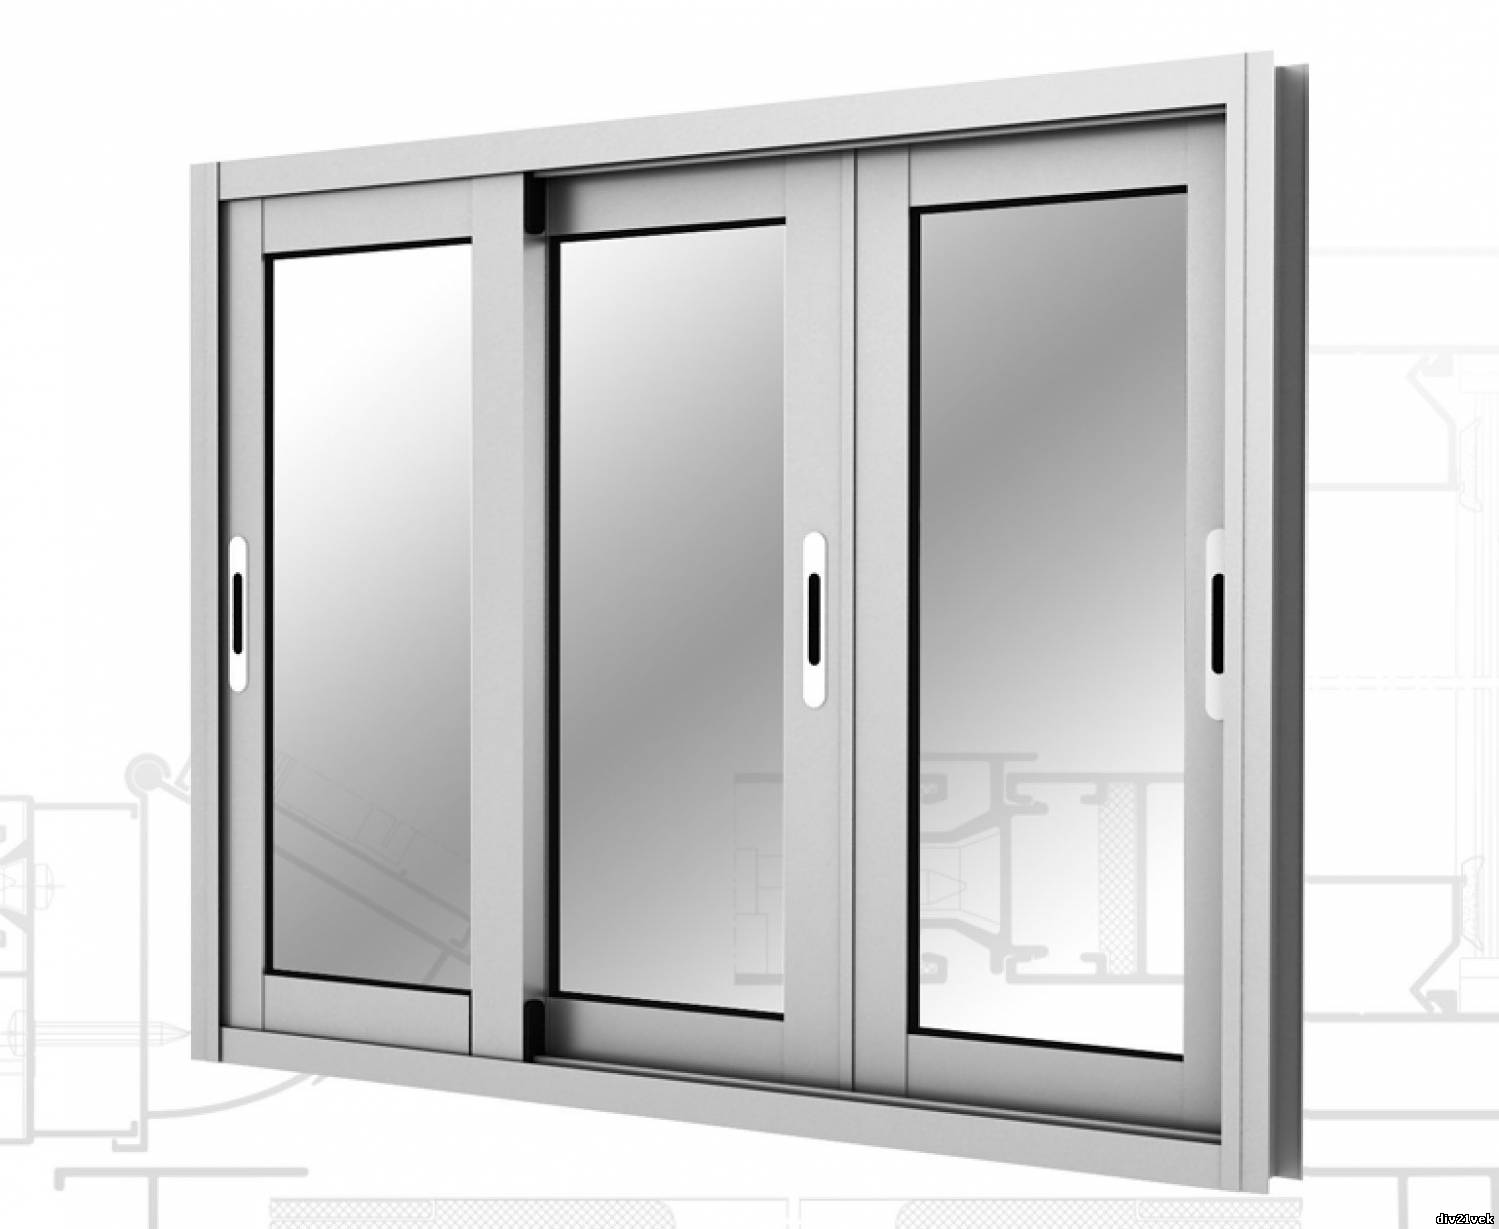 Балконные раздвижные системы из алюминиевого профиля радиусн.